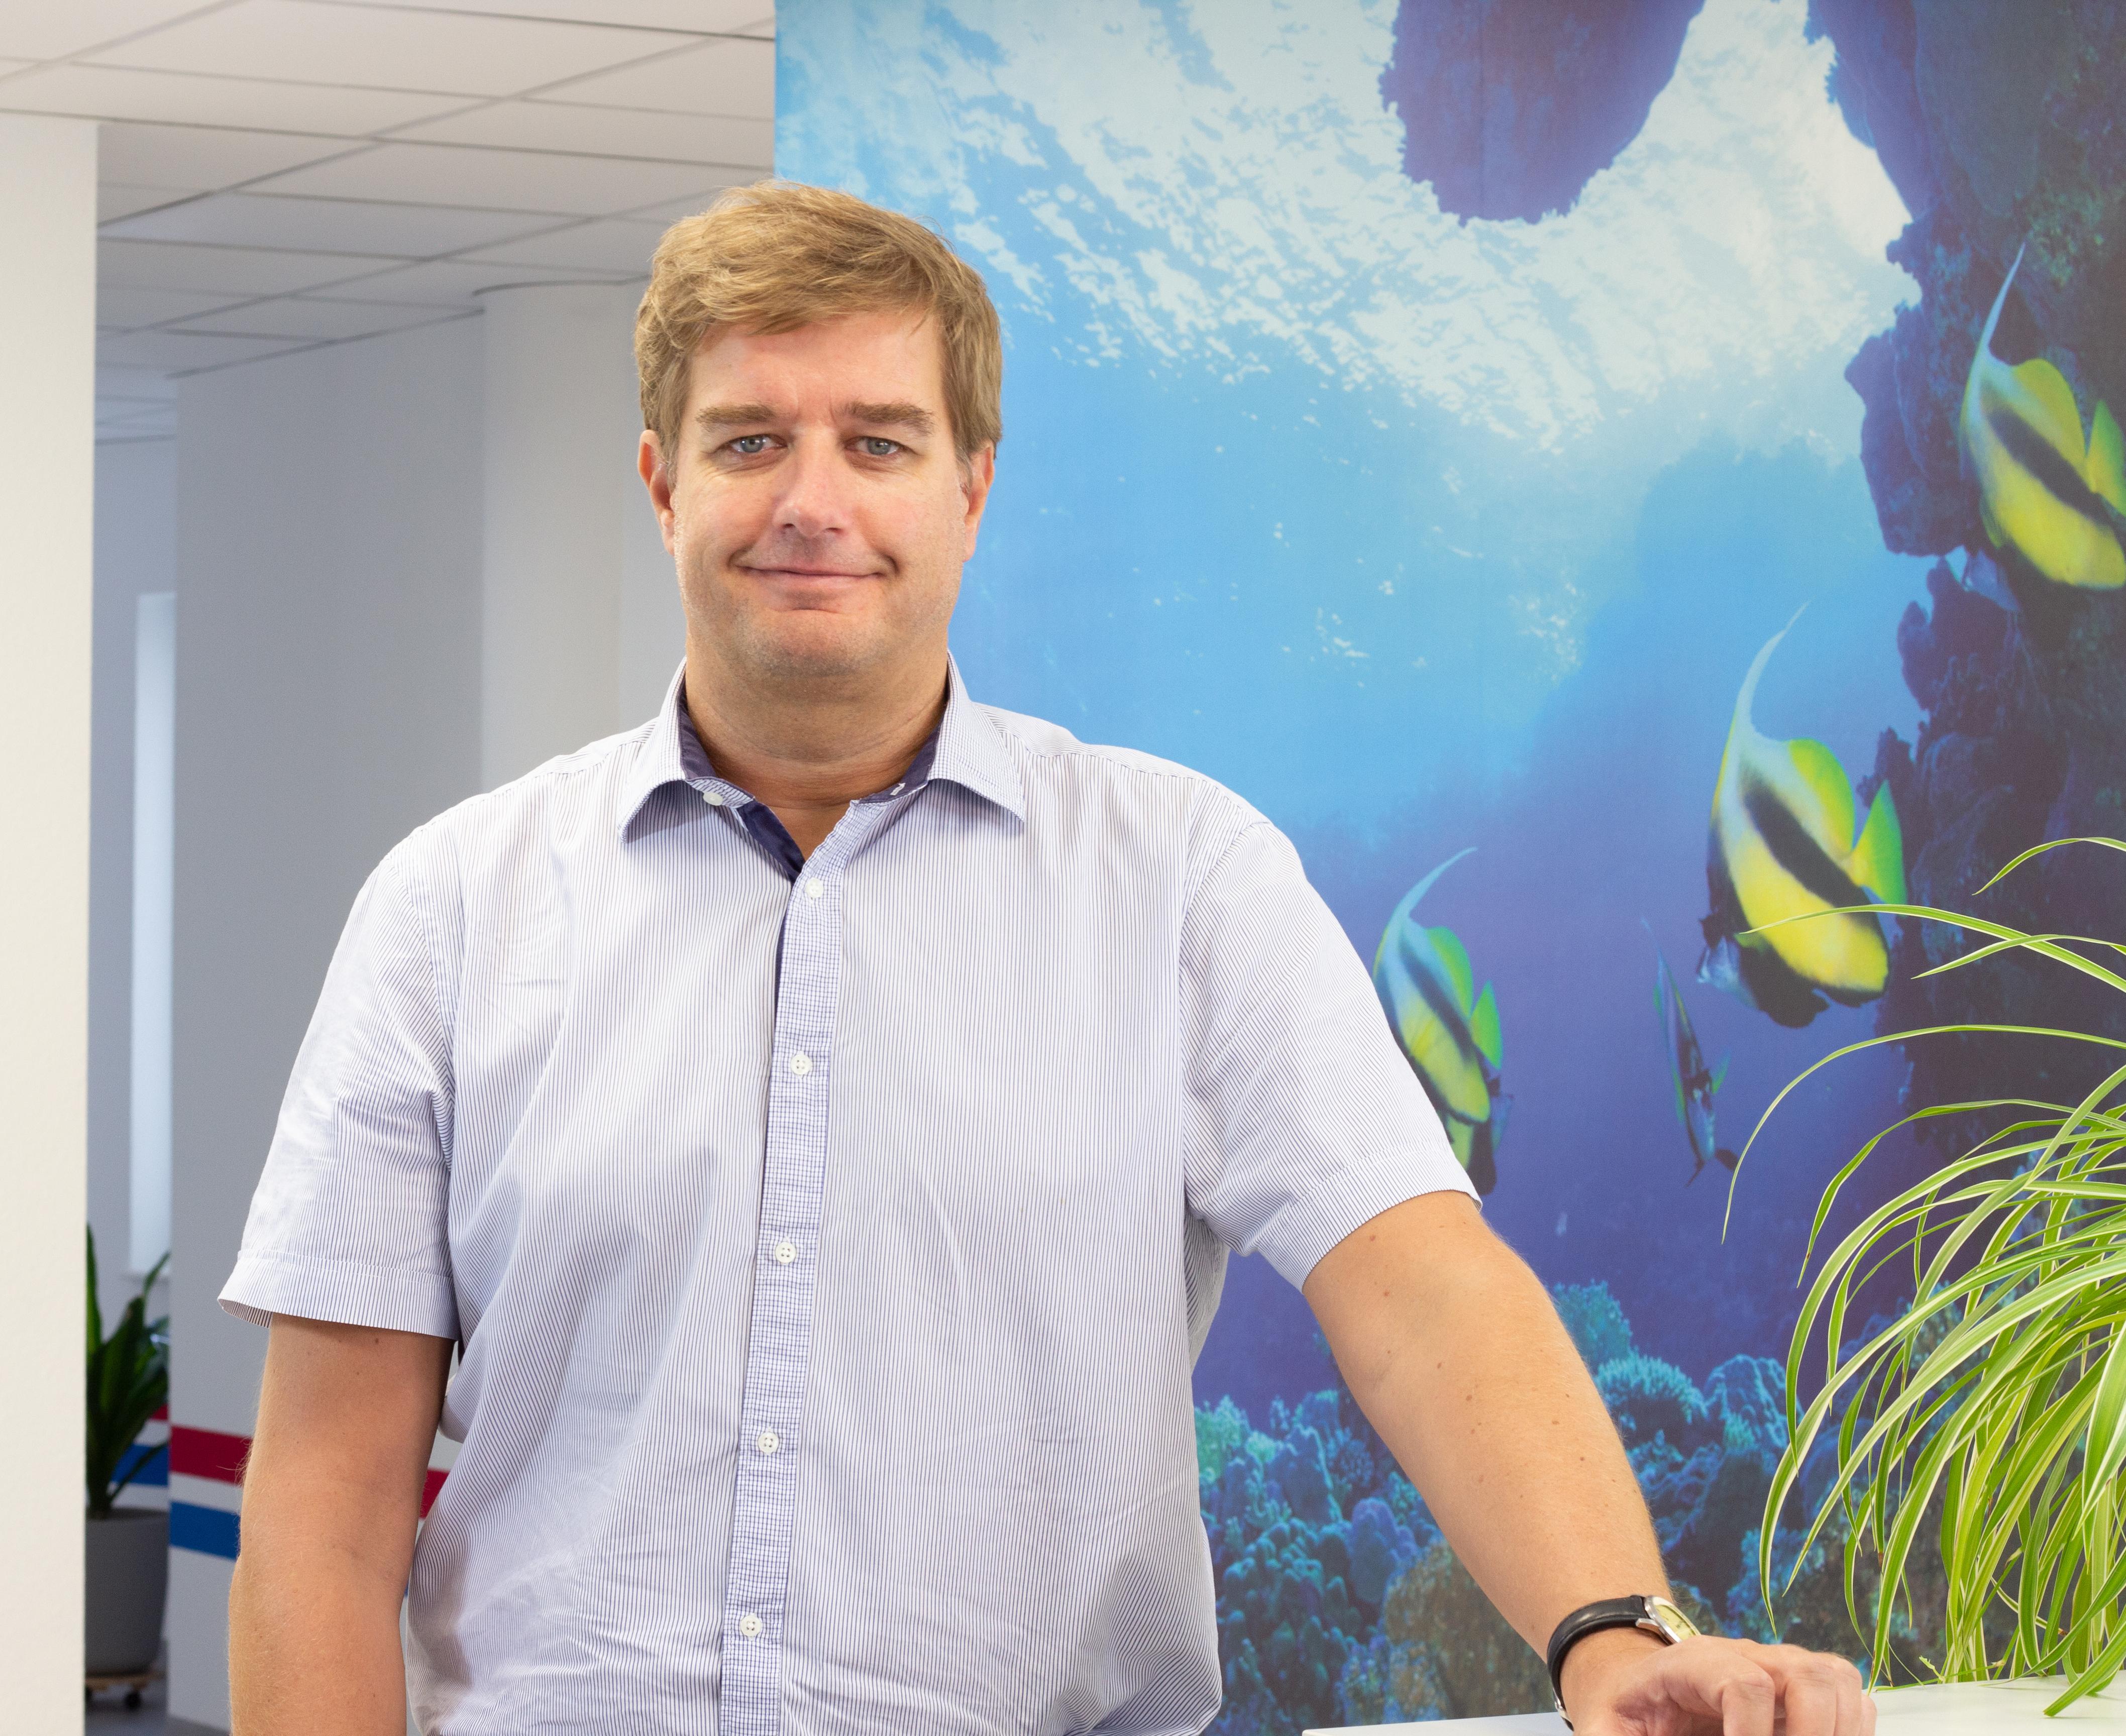 Dr. Rainer Grobbel